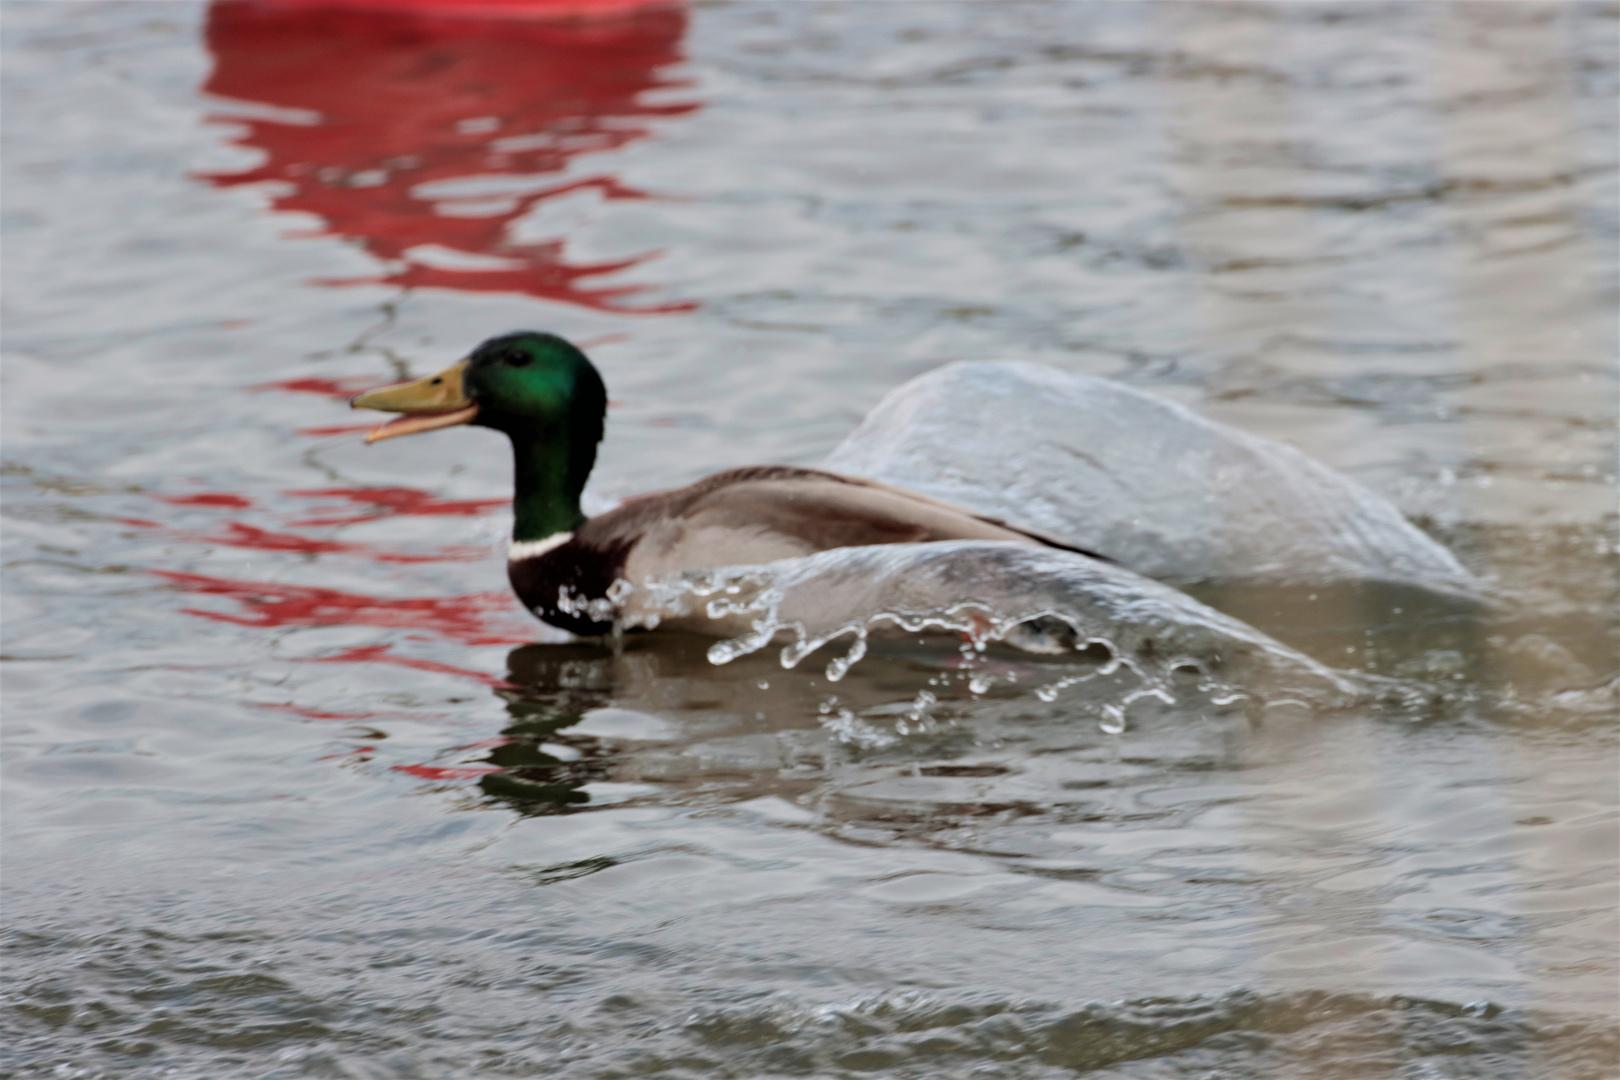 wings of water